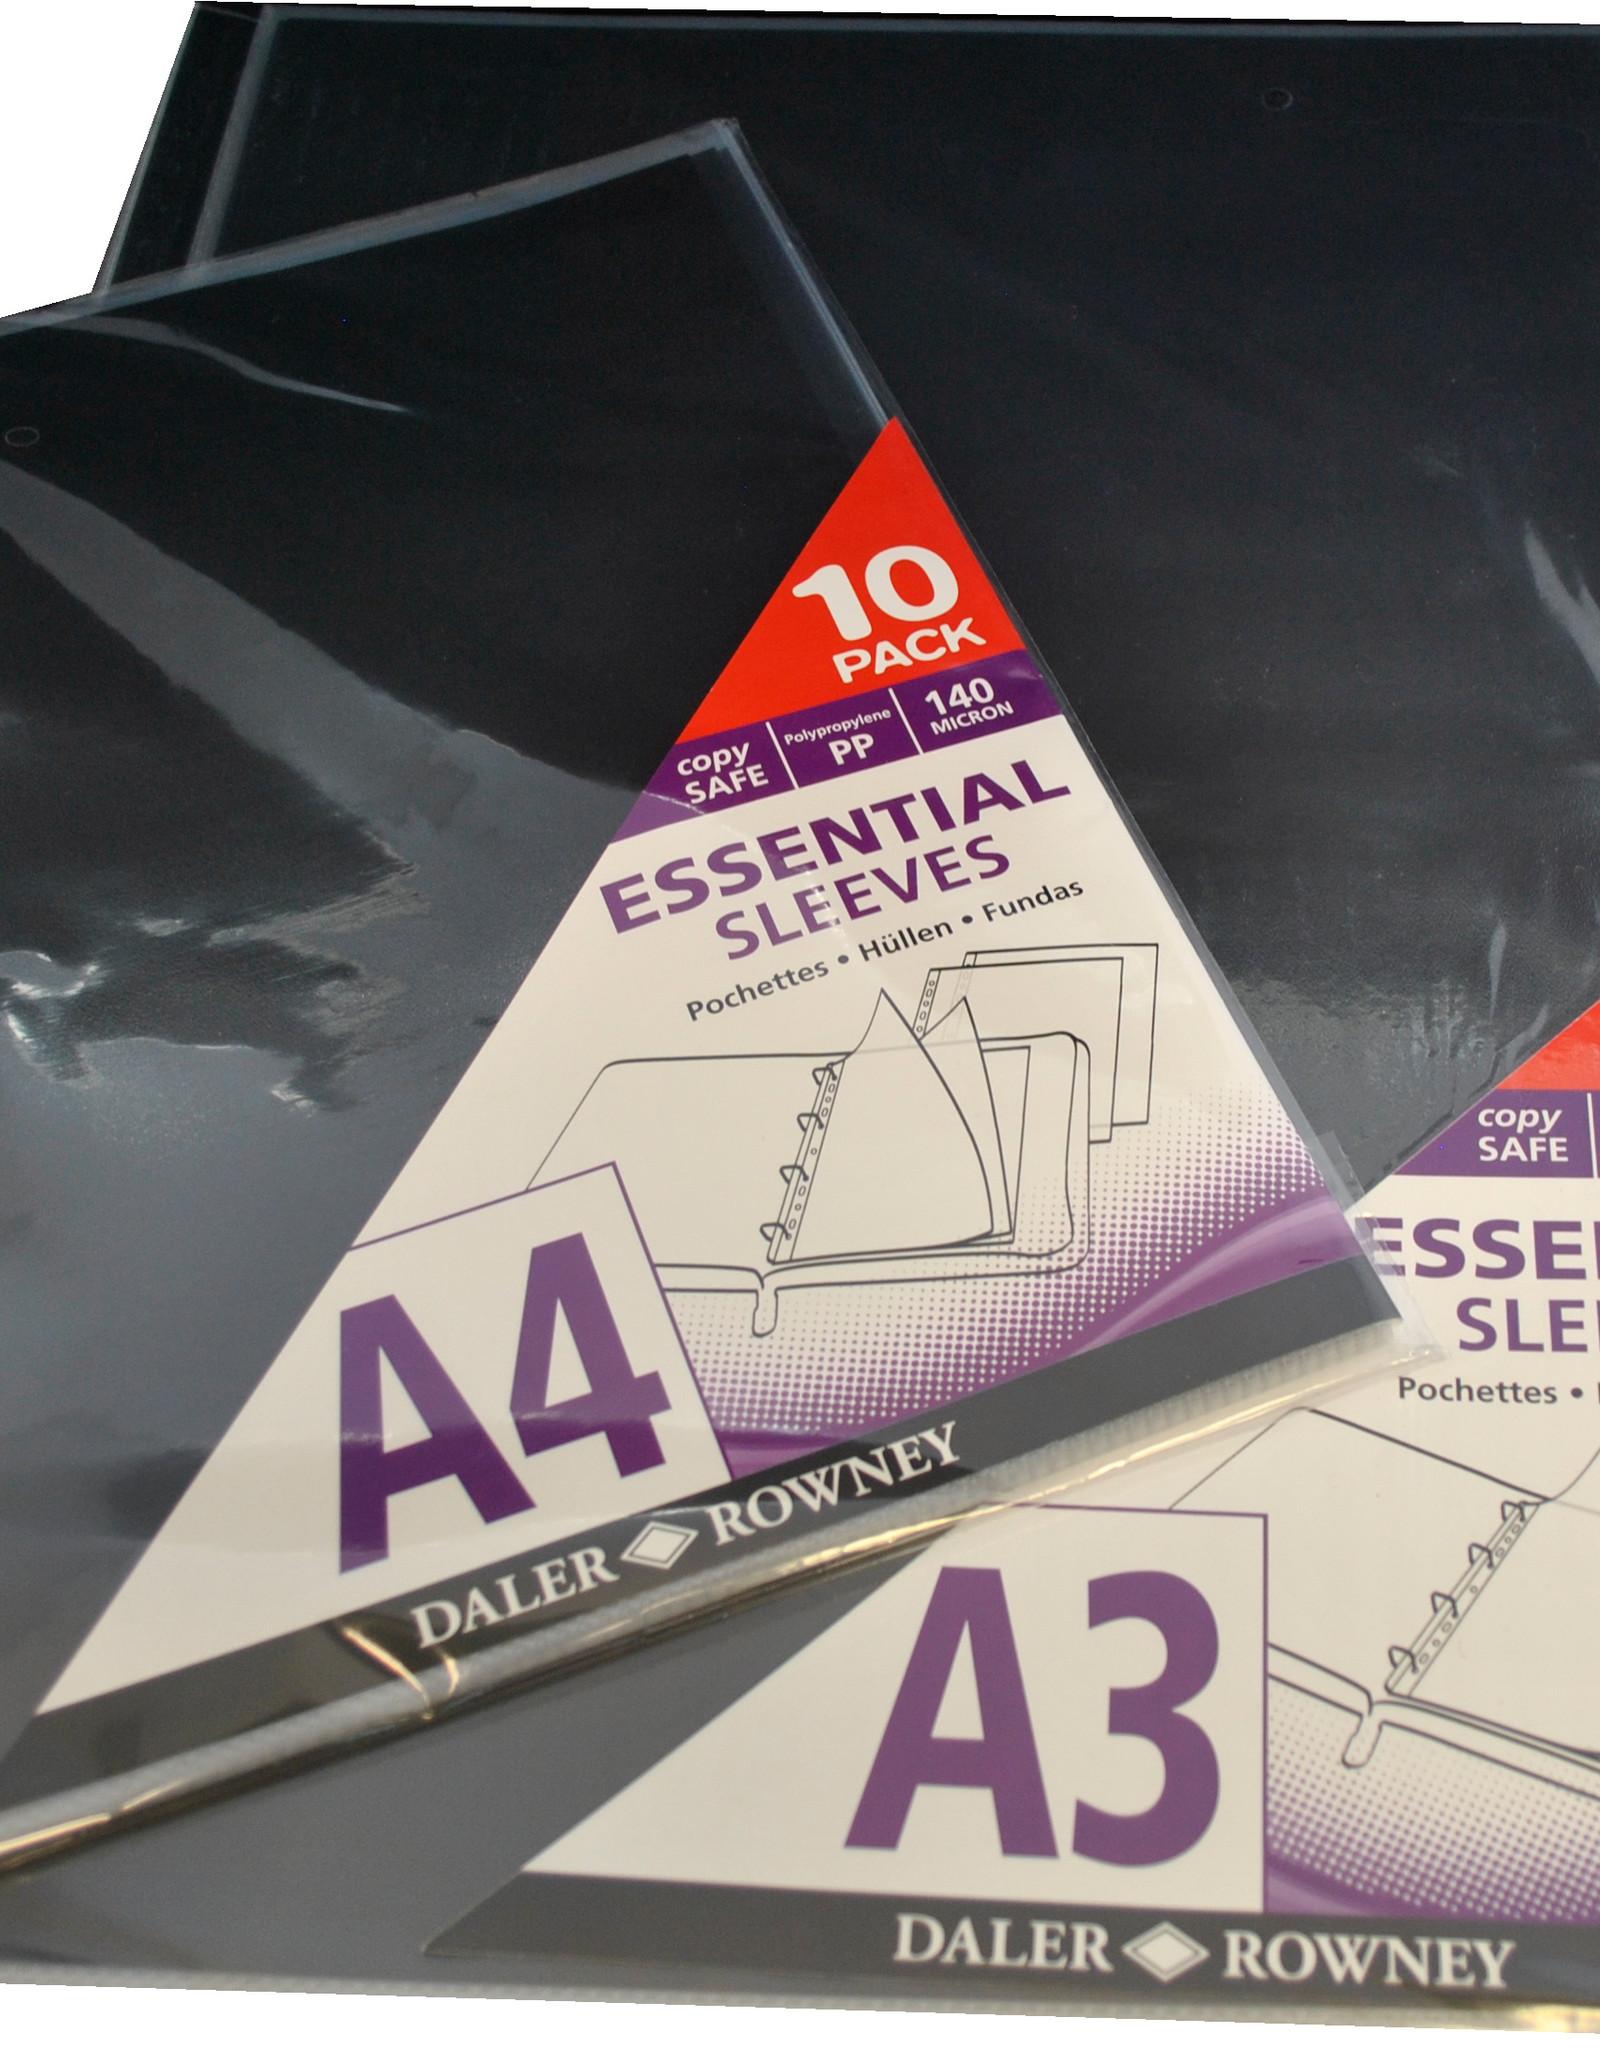 Daler-Rowney 5 stuks Daler Rowney glasheldere inleg zichtmappen voor Artcase A1 85x62,5cm met gestandariseerde gaten